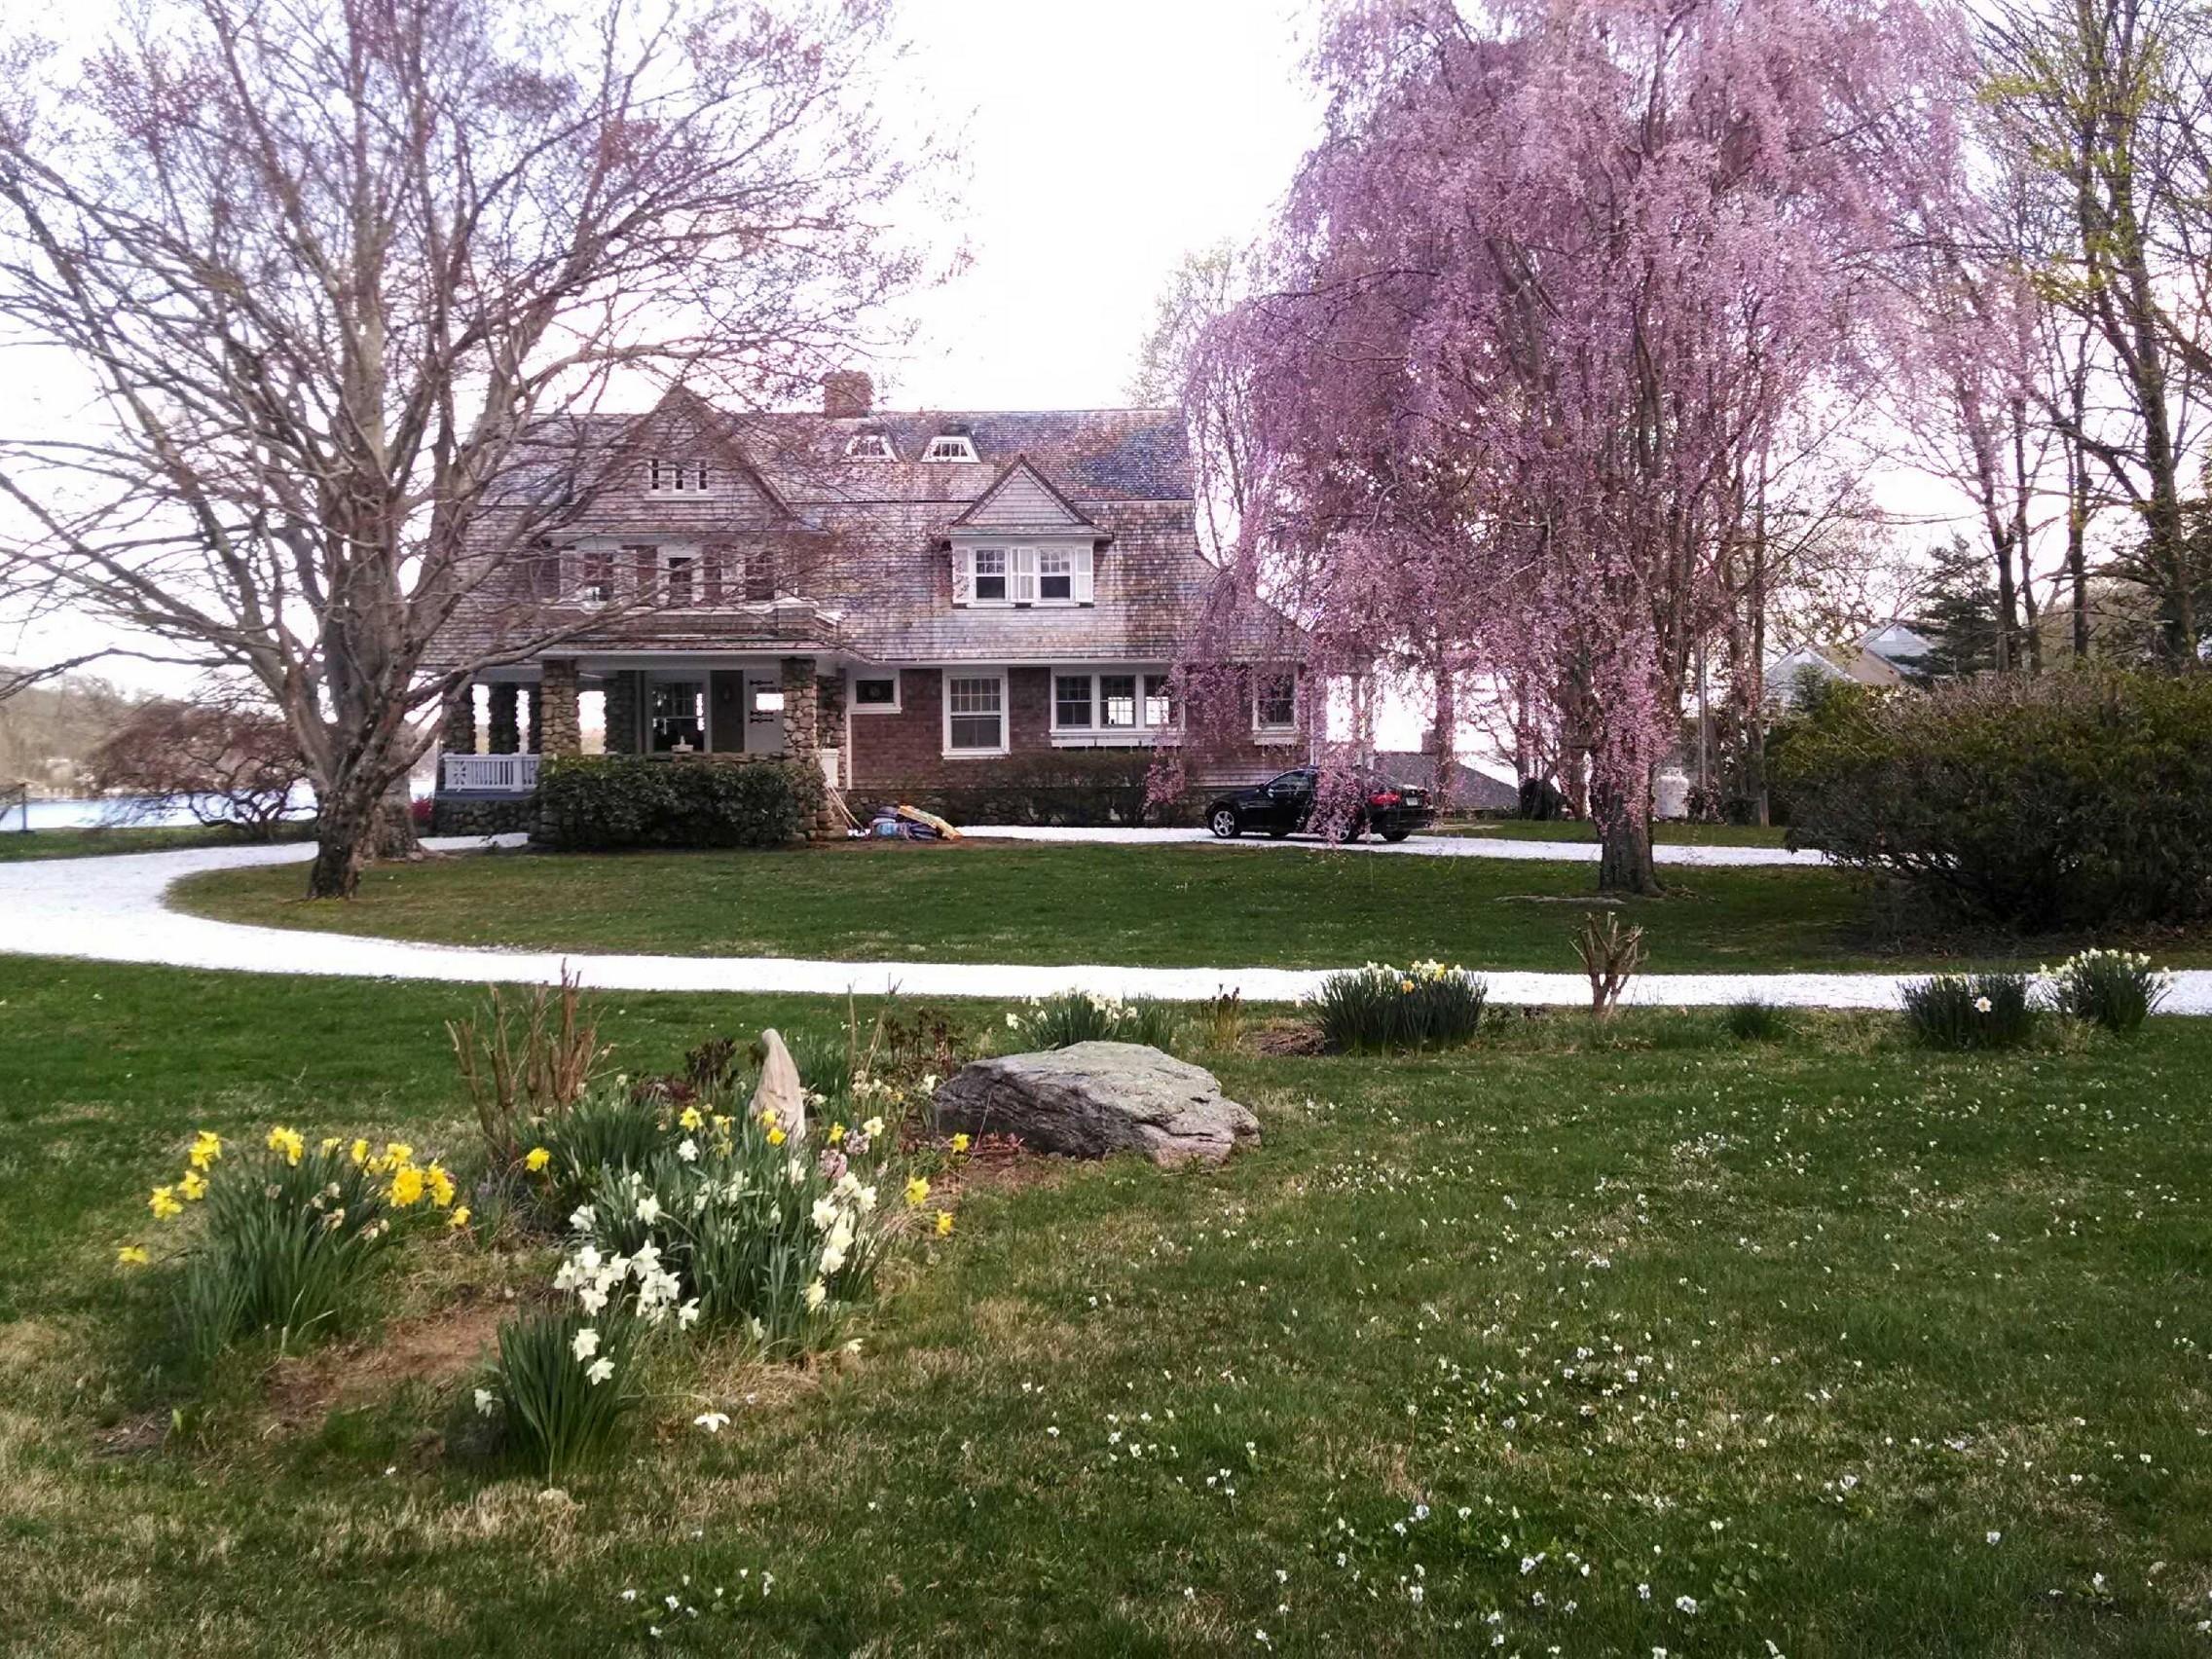 Casa Unifamiliar por un Venta en Private Waterfront Colonial Revival 23 Shawandassee Rd Waterford, Connecticut 06385 Estados Unidos